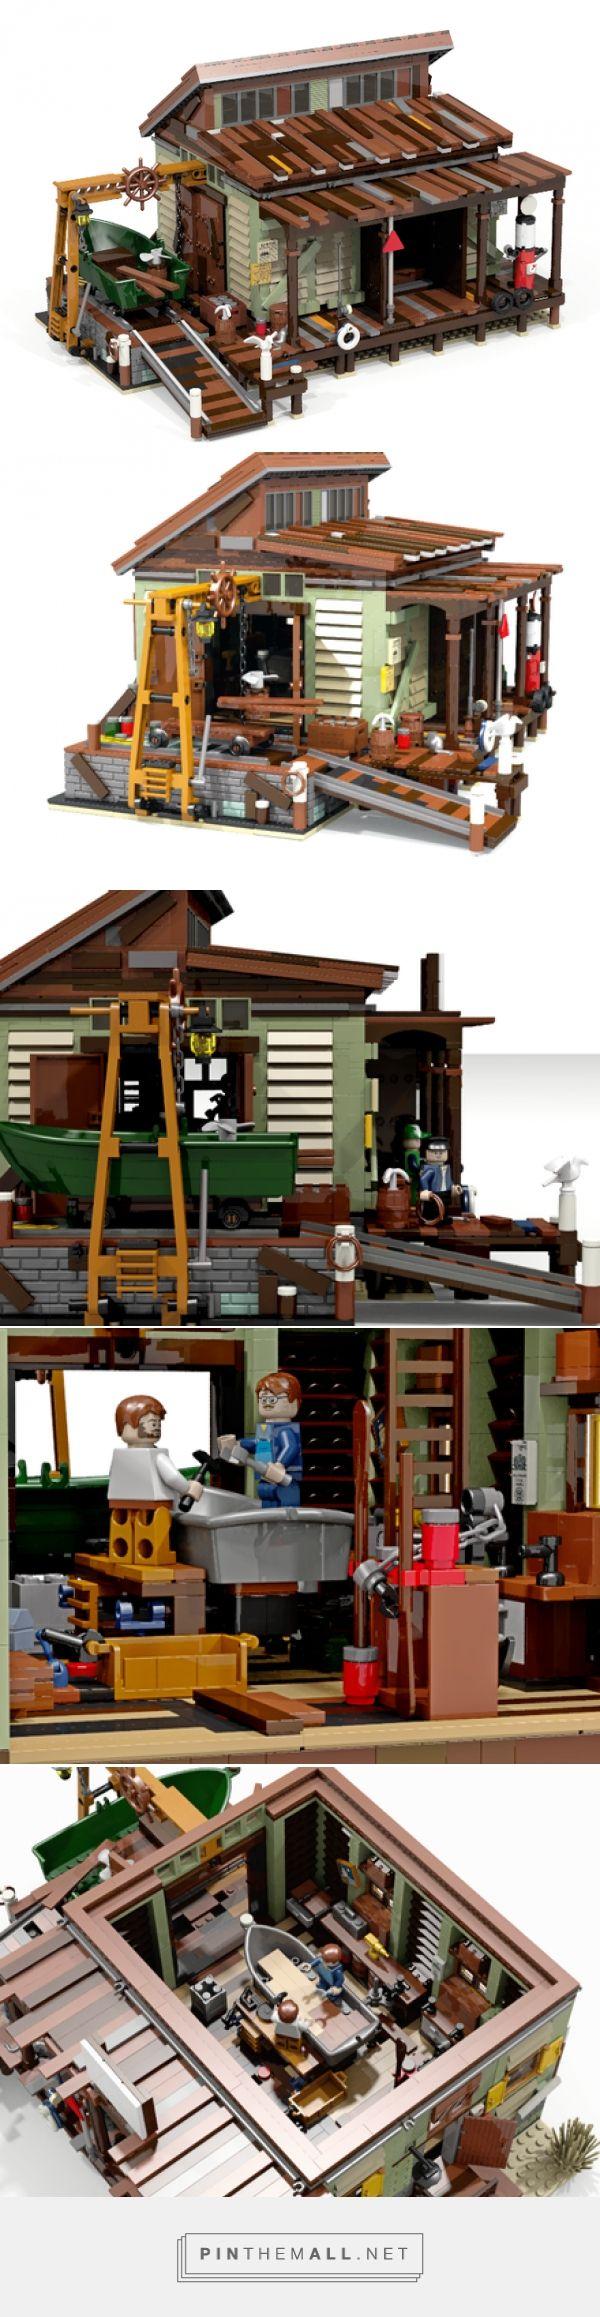 pin von krause design auf lego creations pinterest lego lego bauen und ideen. Black Bedroom Furniture Sets. Home Design Ideas